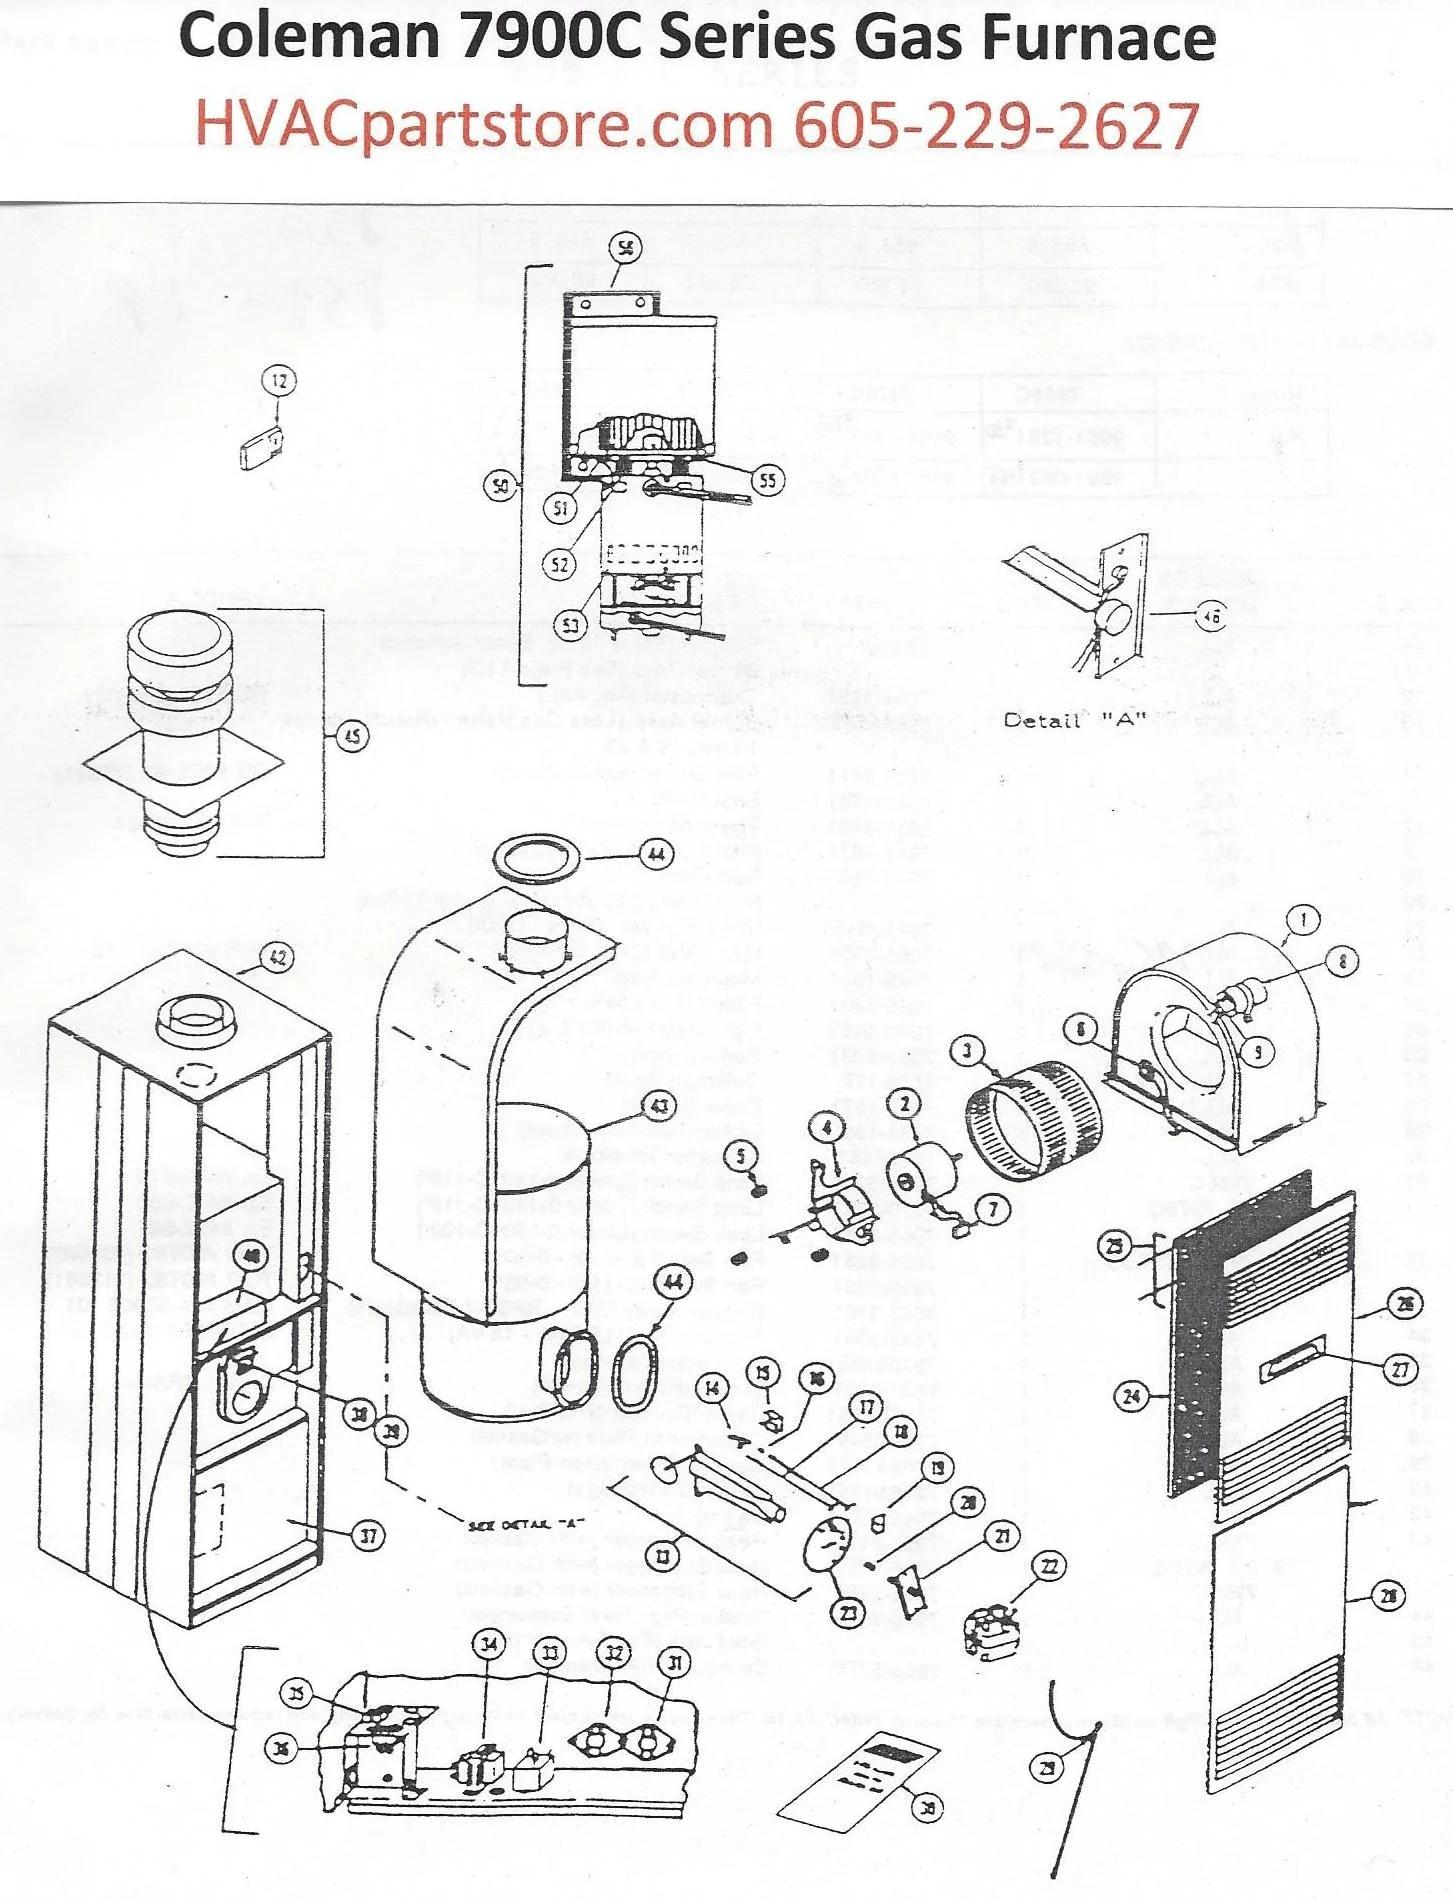 7975c856 coleman gas furnace parts [ 1453 x 1900 Pixel ]